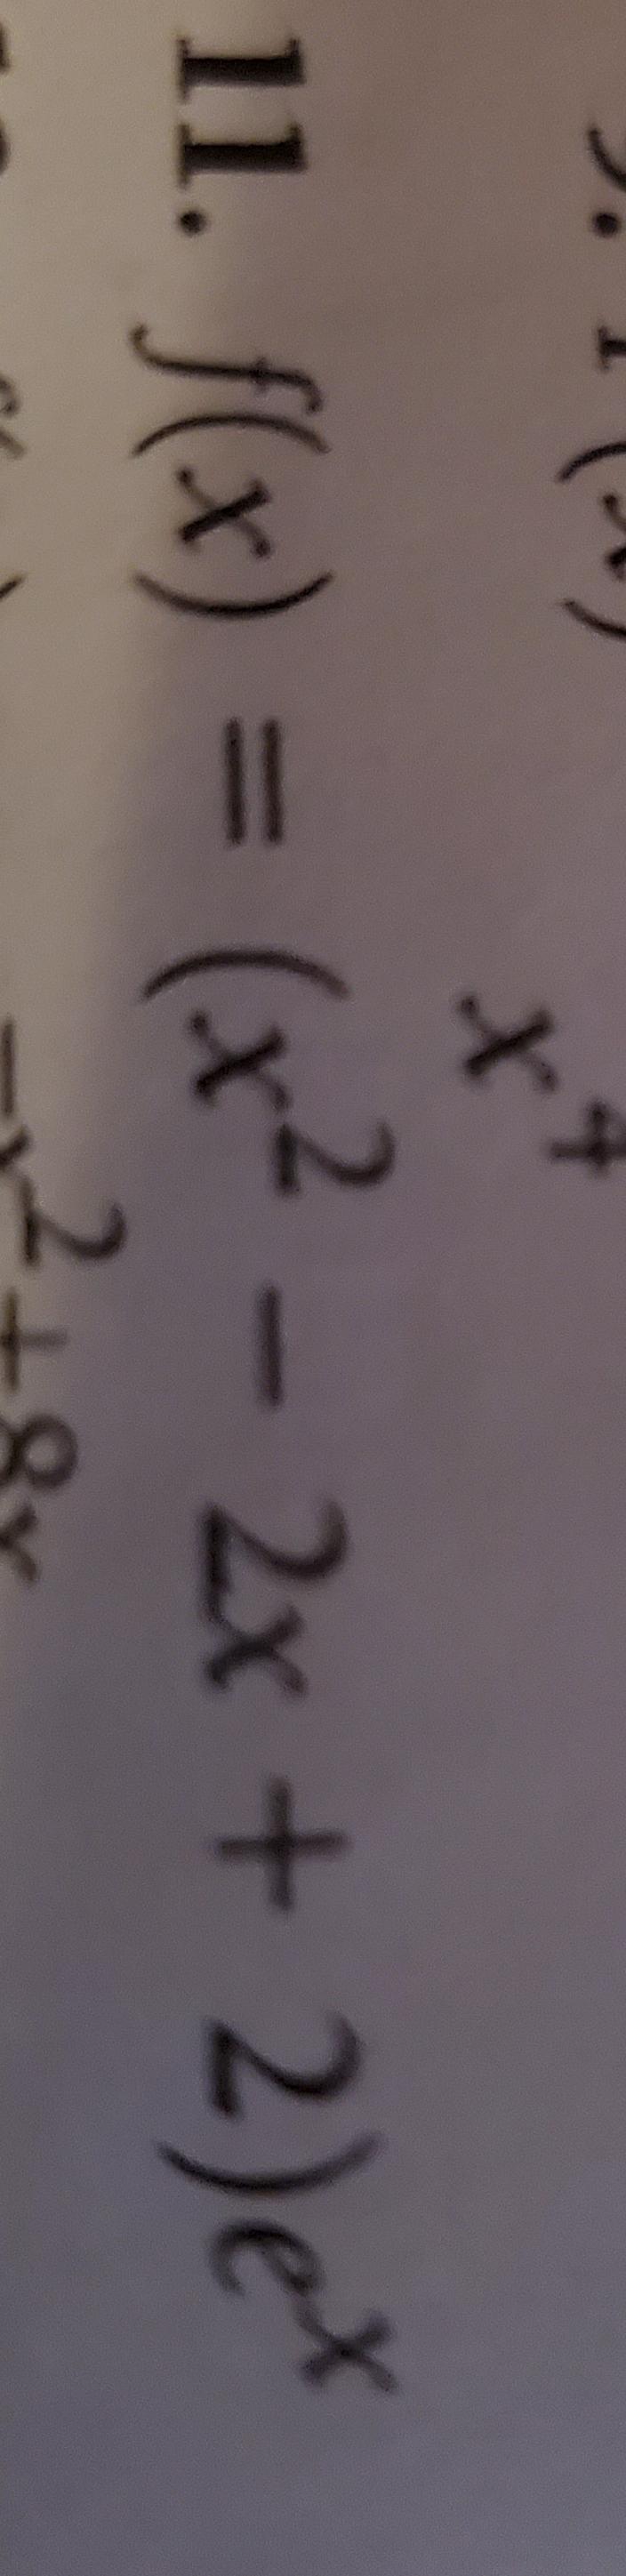 11. f(x) = (x2- 2x+ 2)e 4 +